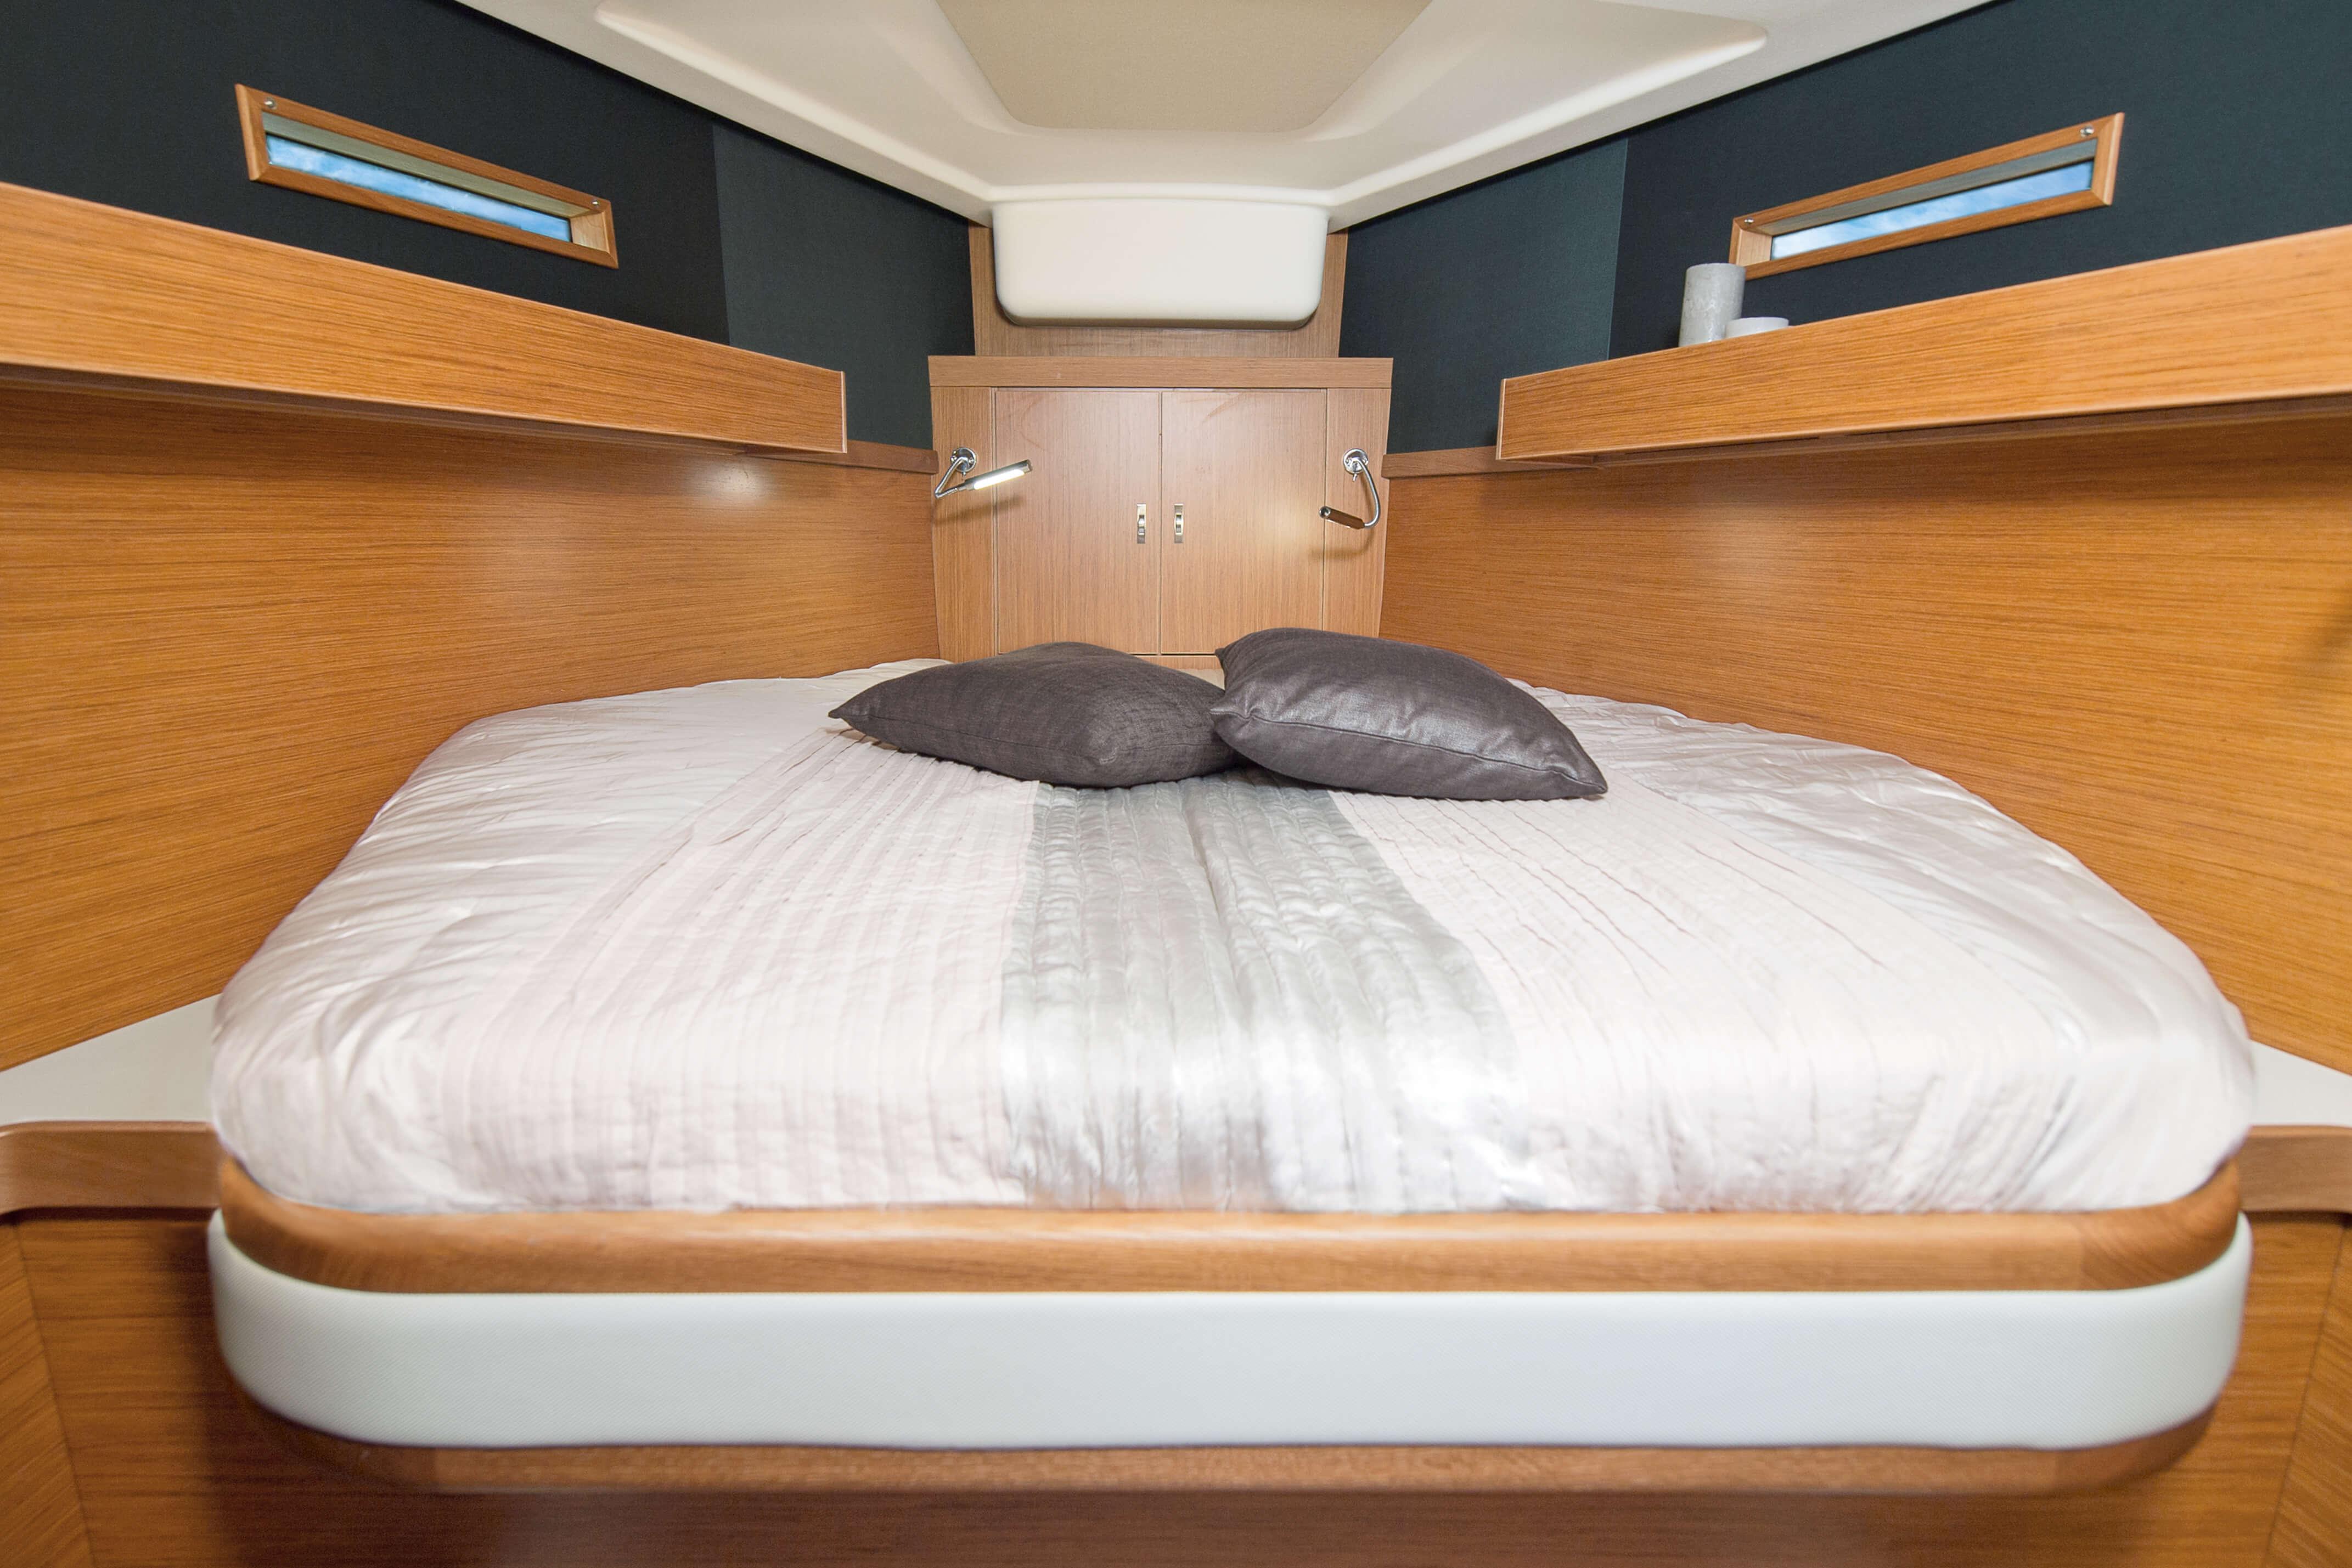 Dehler 42 Interno cabina di prua | A1 Layout: island bed, lampada da leggere, portello della coperta, finestra, vano portaogetti | Dehler